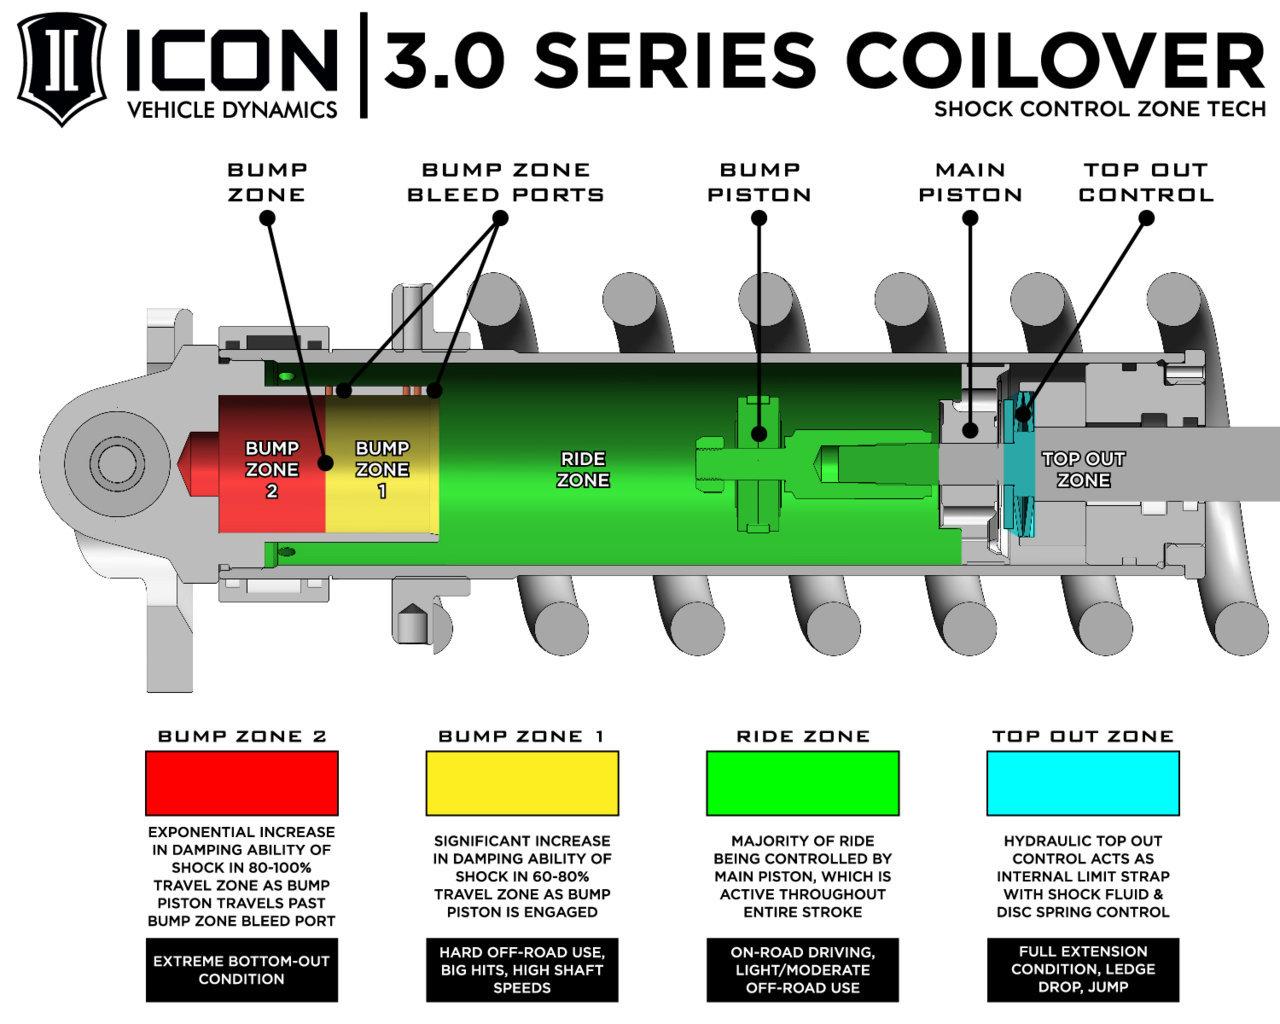 ICON_58755_TECH-01.jpg